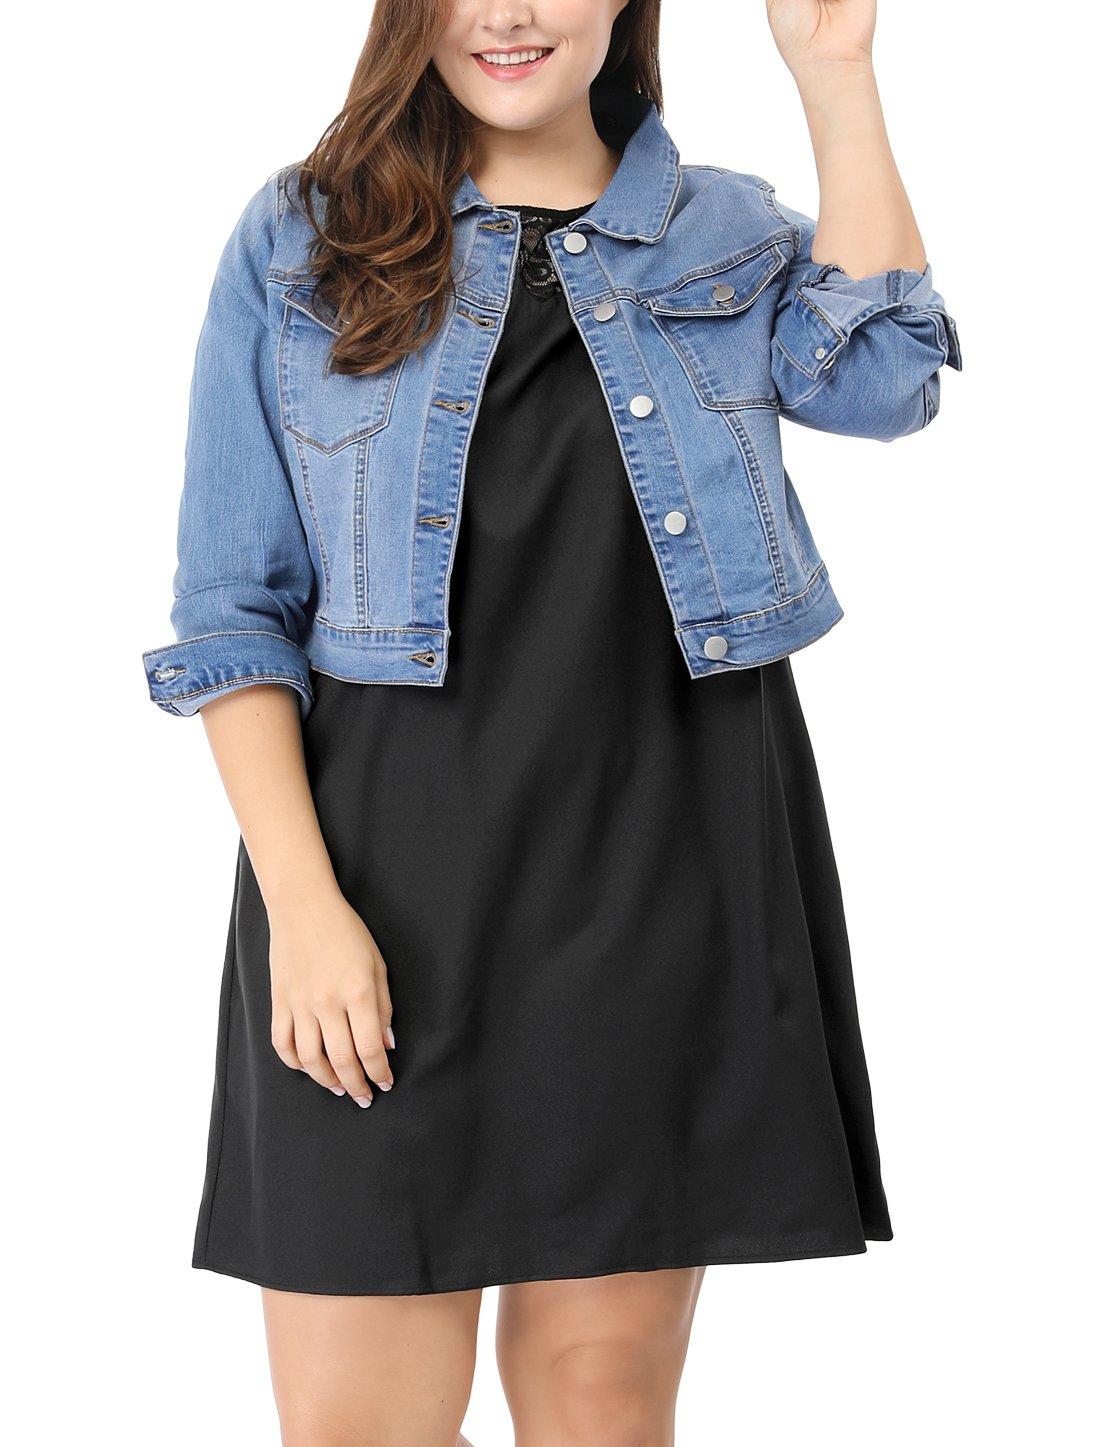 Agnes Orinda Women's Plus Size Button Closed Cropped Denim Jacket 1X Light Blue